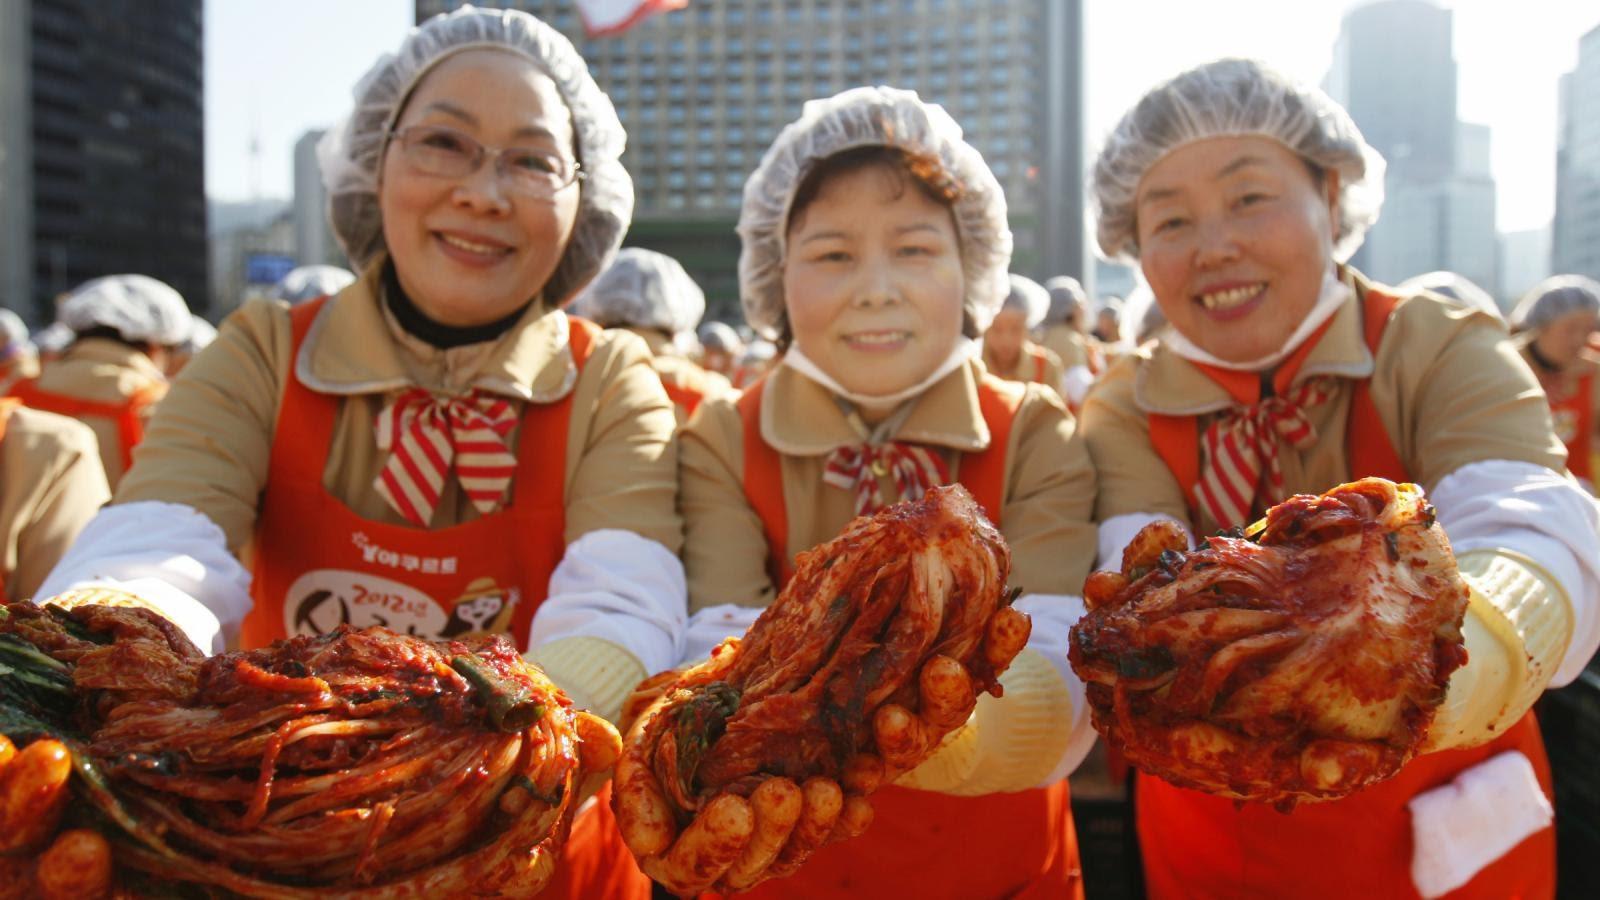 Xinqi, Kimchi, Pao cai và cuộc chiến văn hóa Trung - Hàn - 7